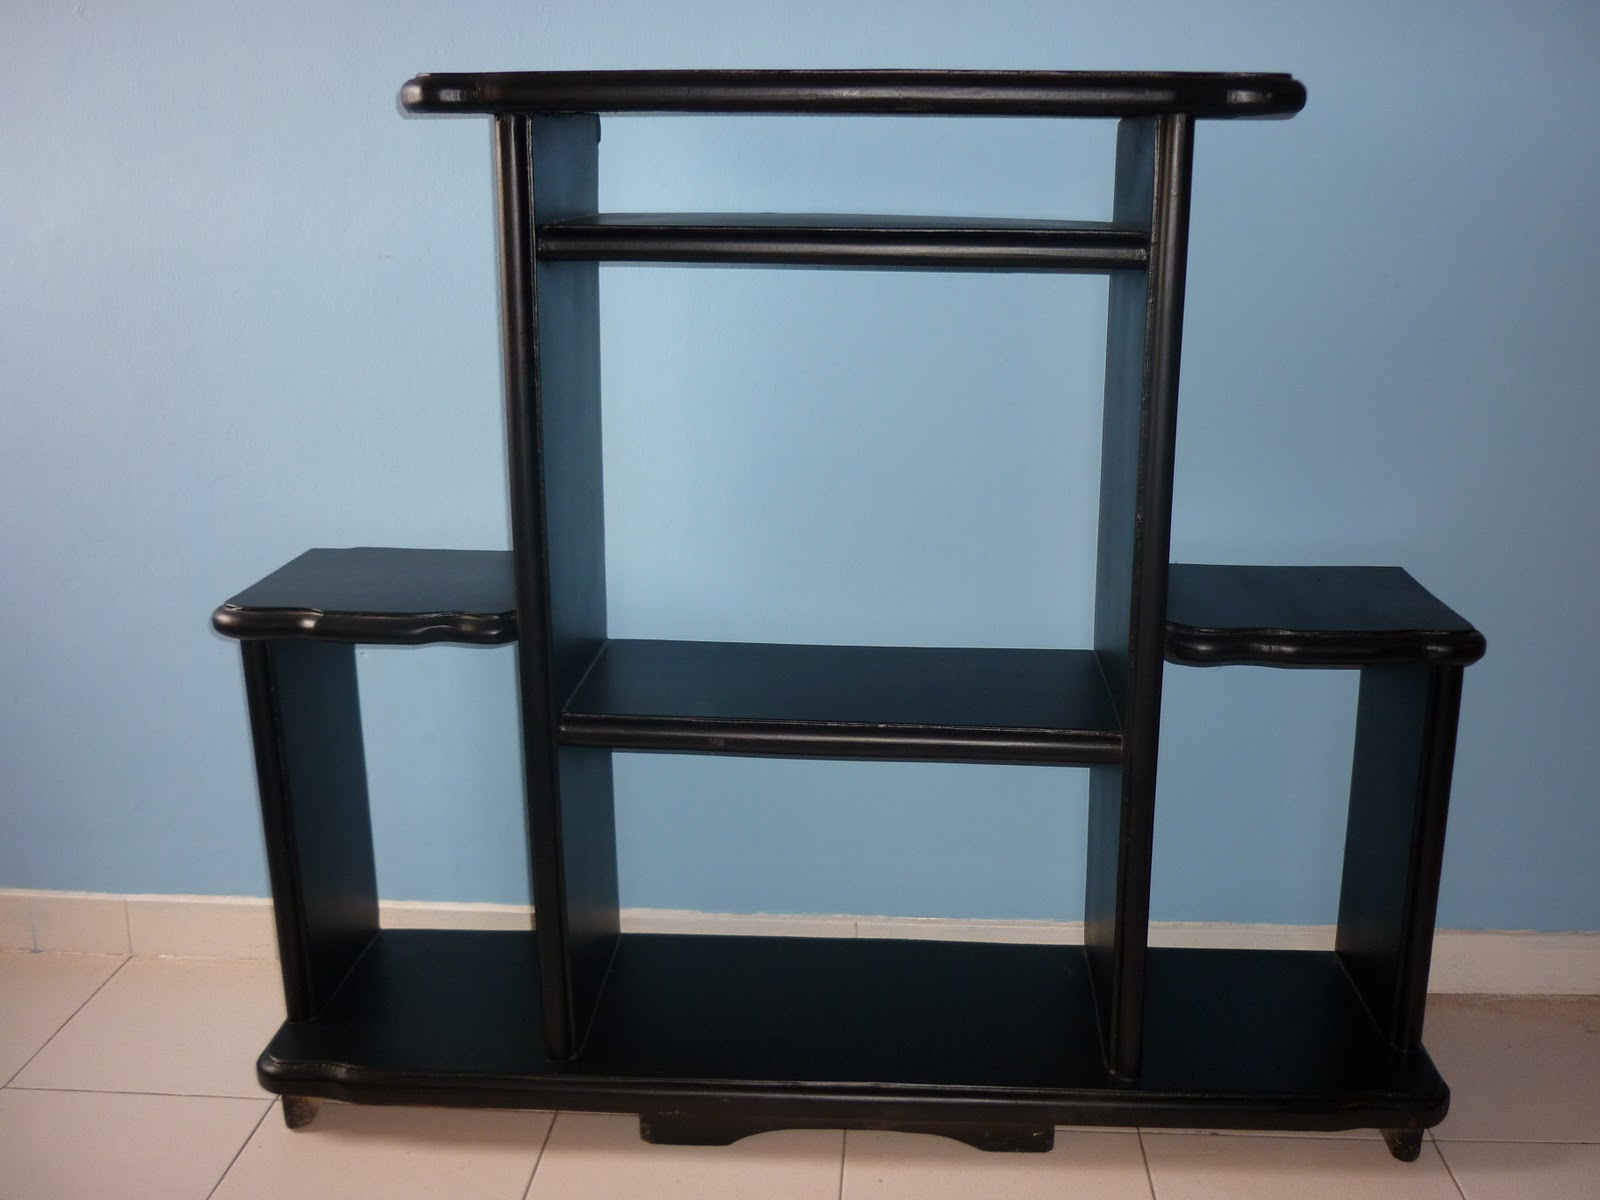 Mueblesarcoiris muebles disponibles for Muebles para televisor y equipo de sonido